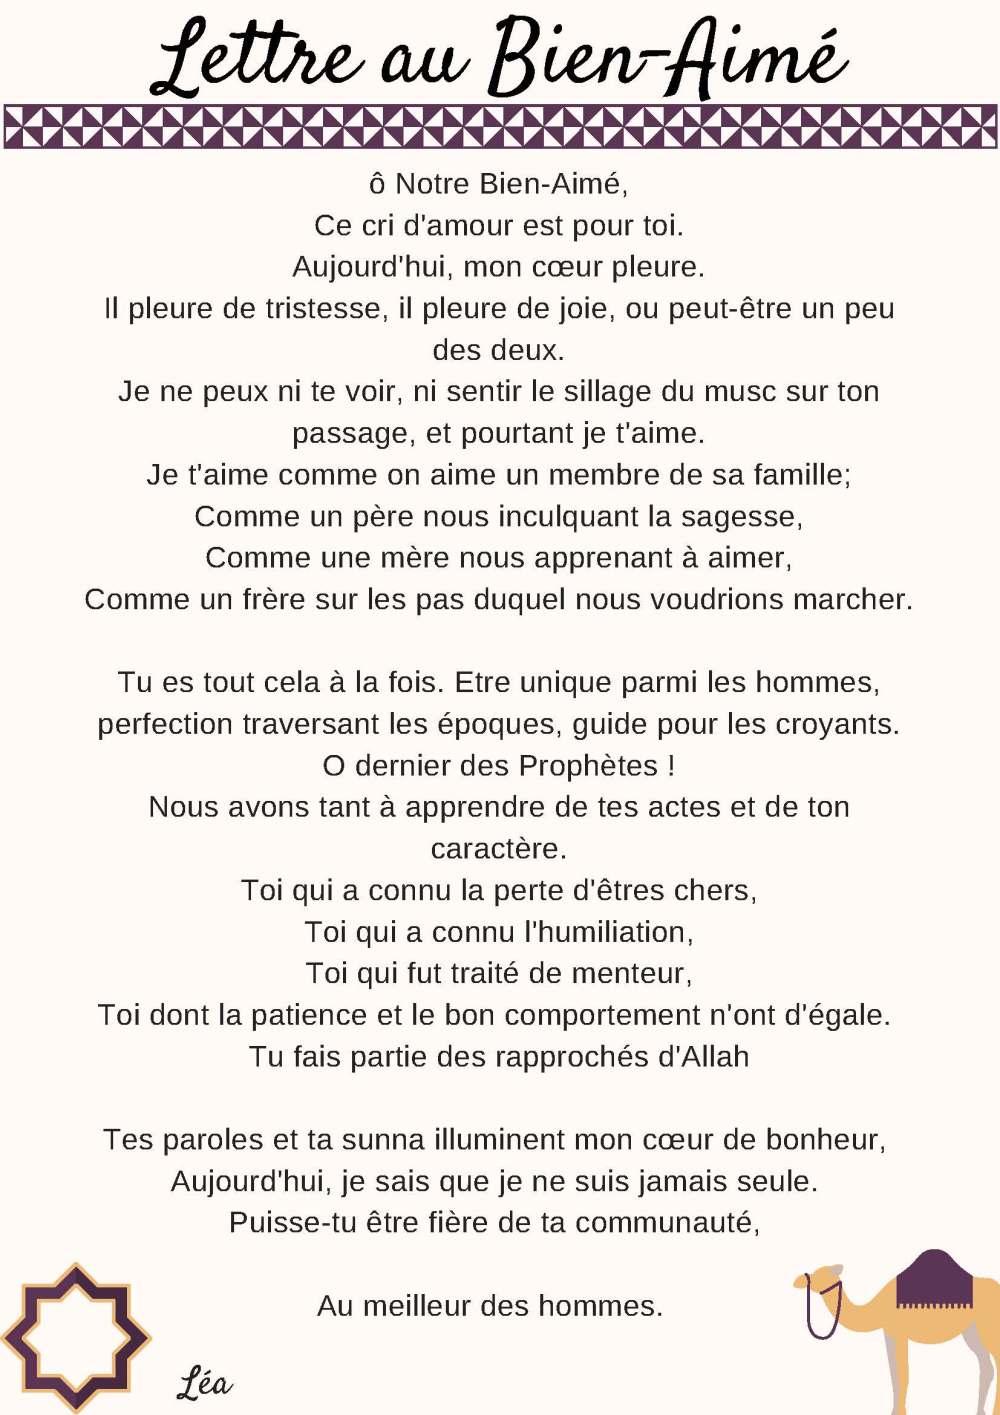 Lettre au Prophète - Léa F